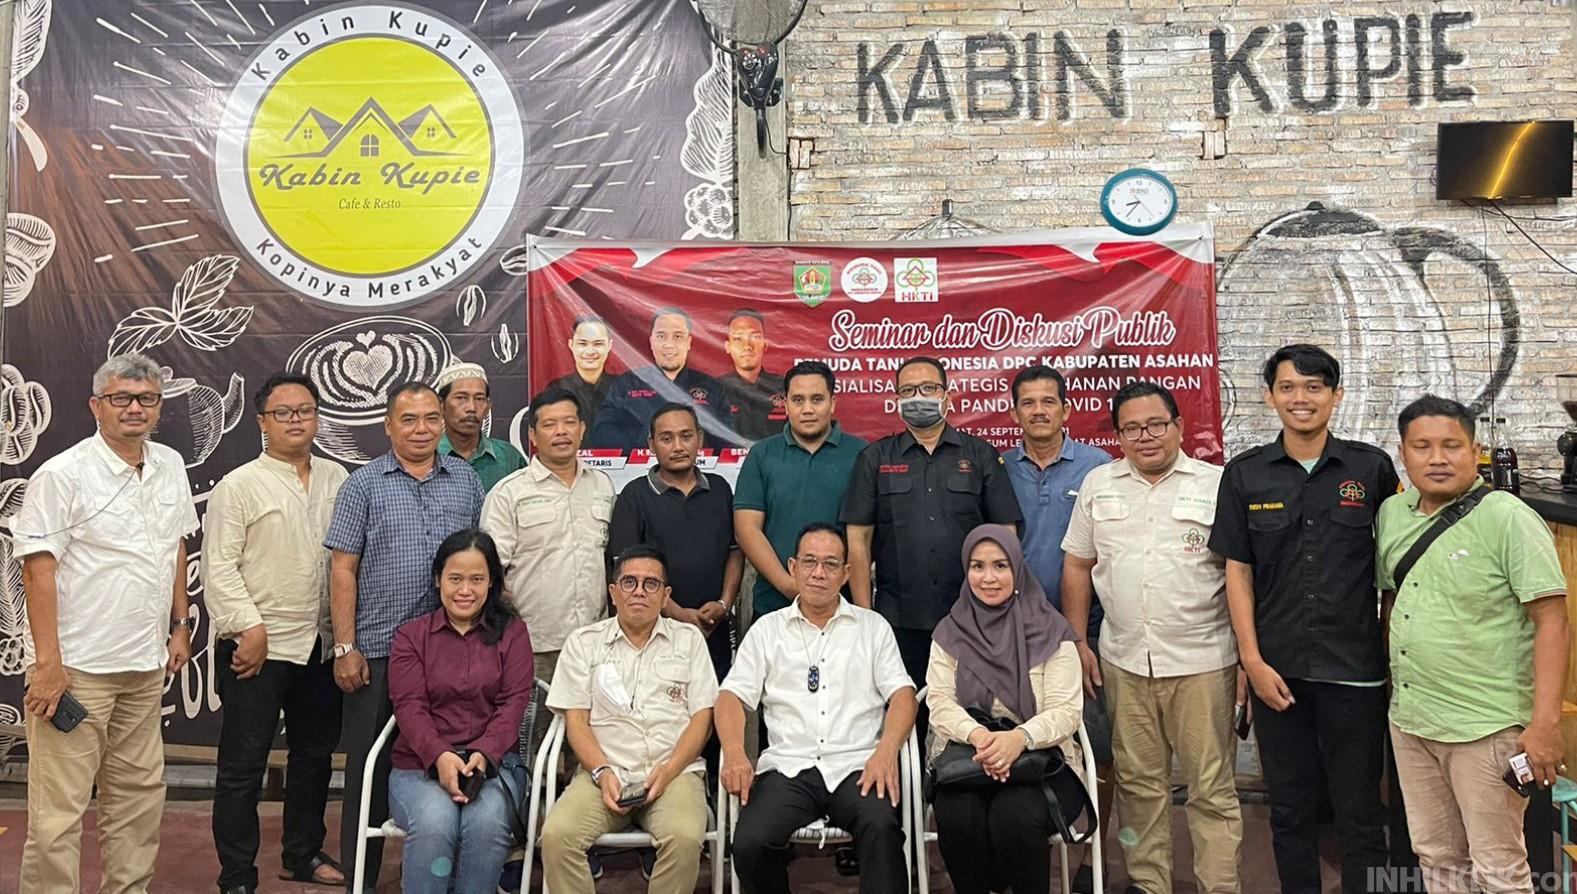 DPC Pemuda Tani Indonesia Kabupaten Asahan Gelar Seminar dan Diskusi Publik